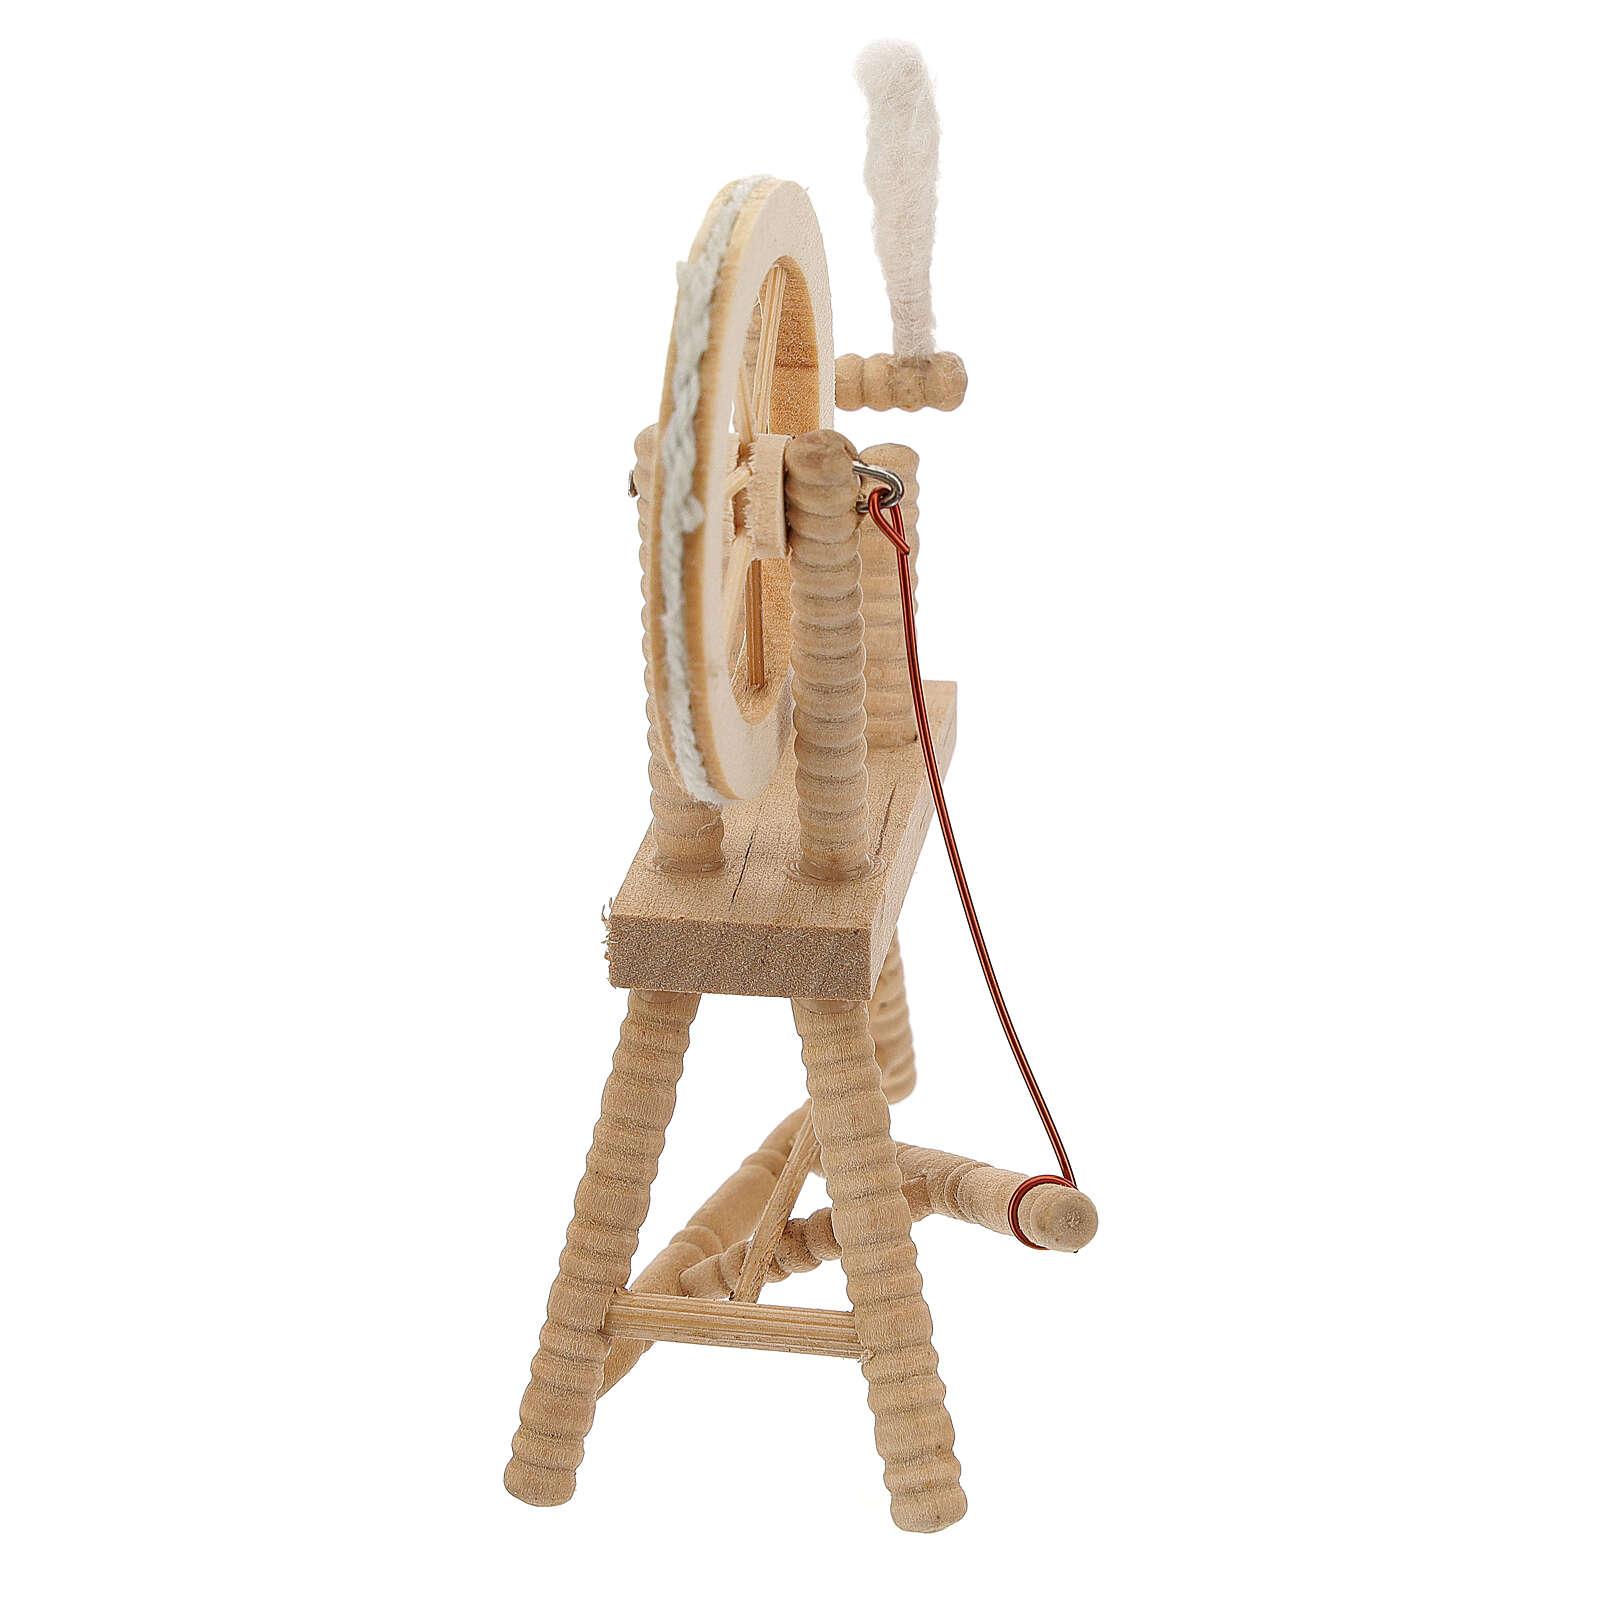 Roda de fiar com lã em miniatura madeira clara para presépio com figuras altura média 12 cm 4